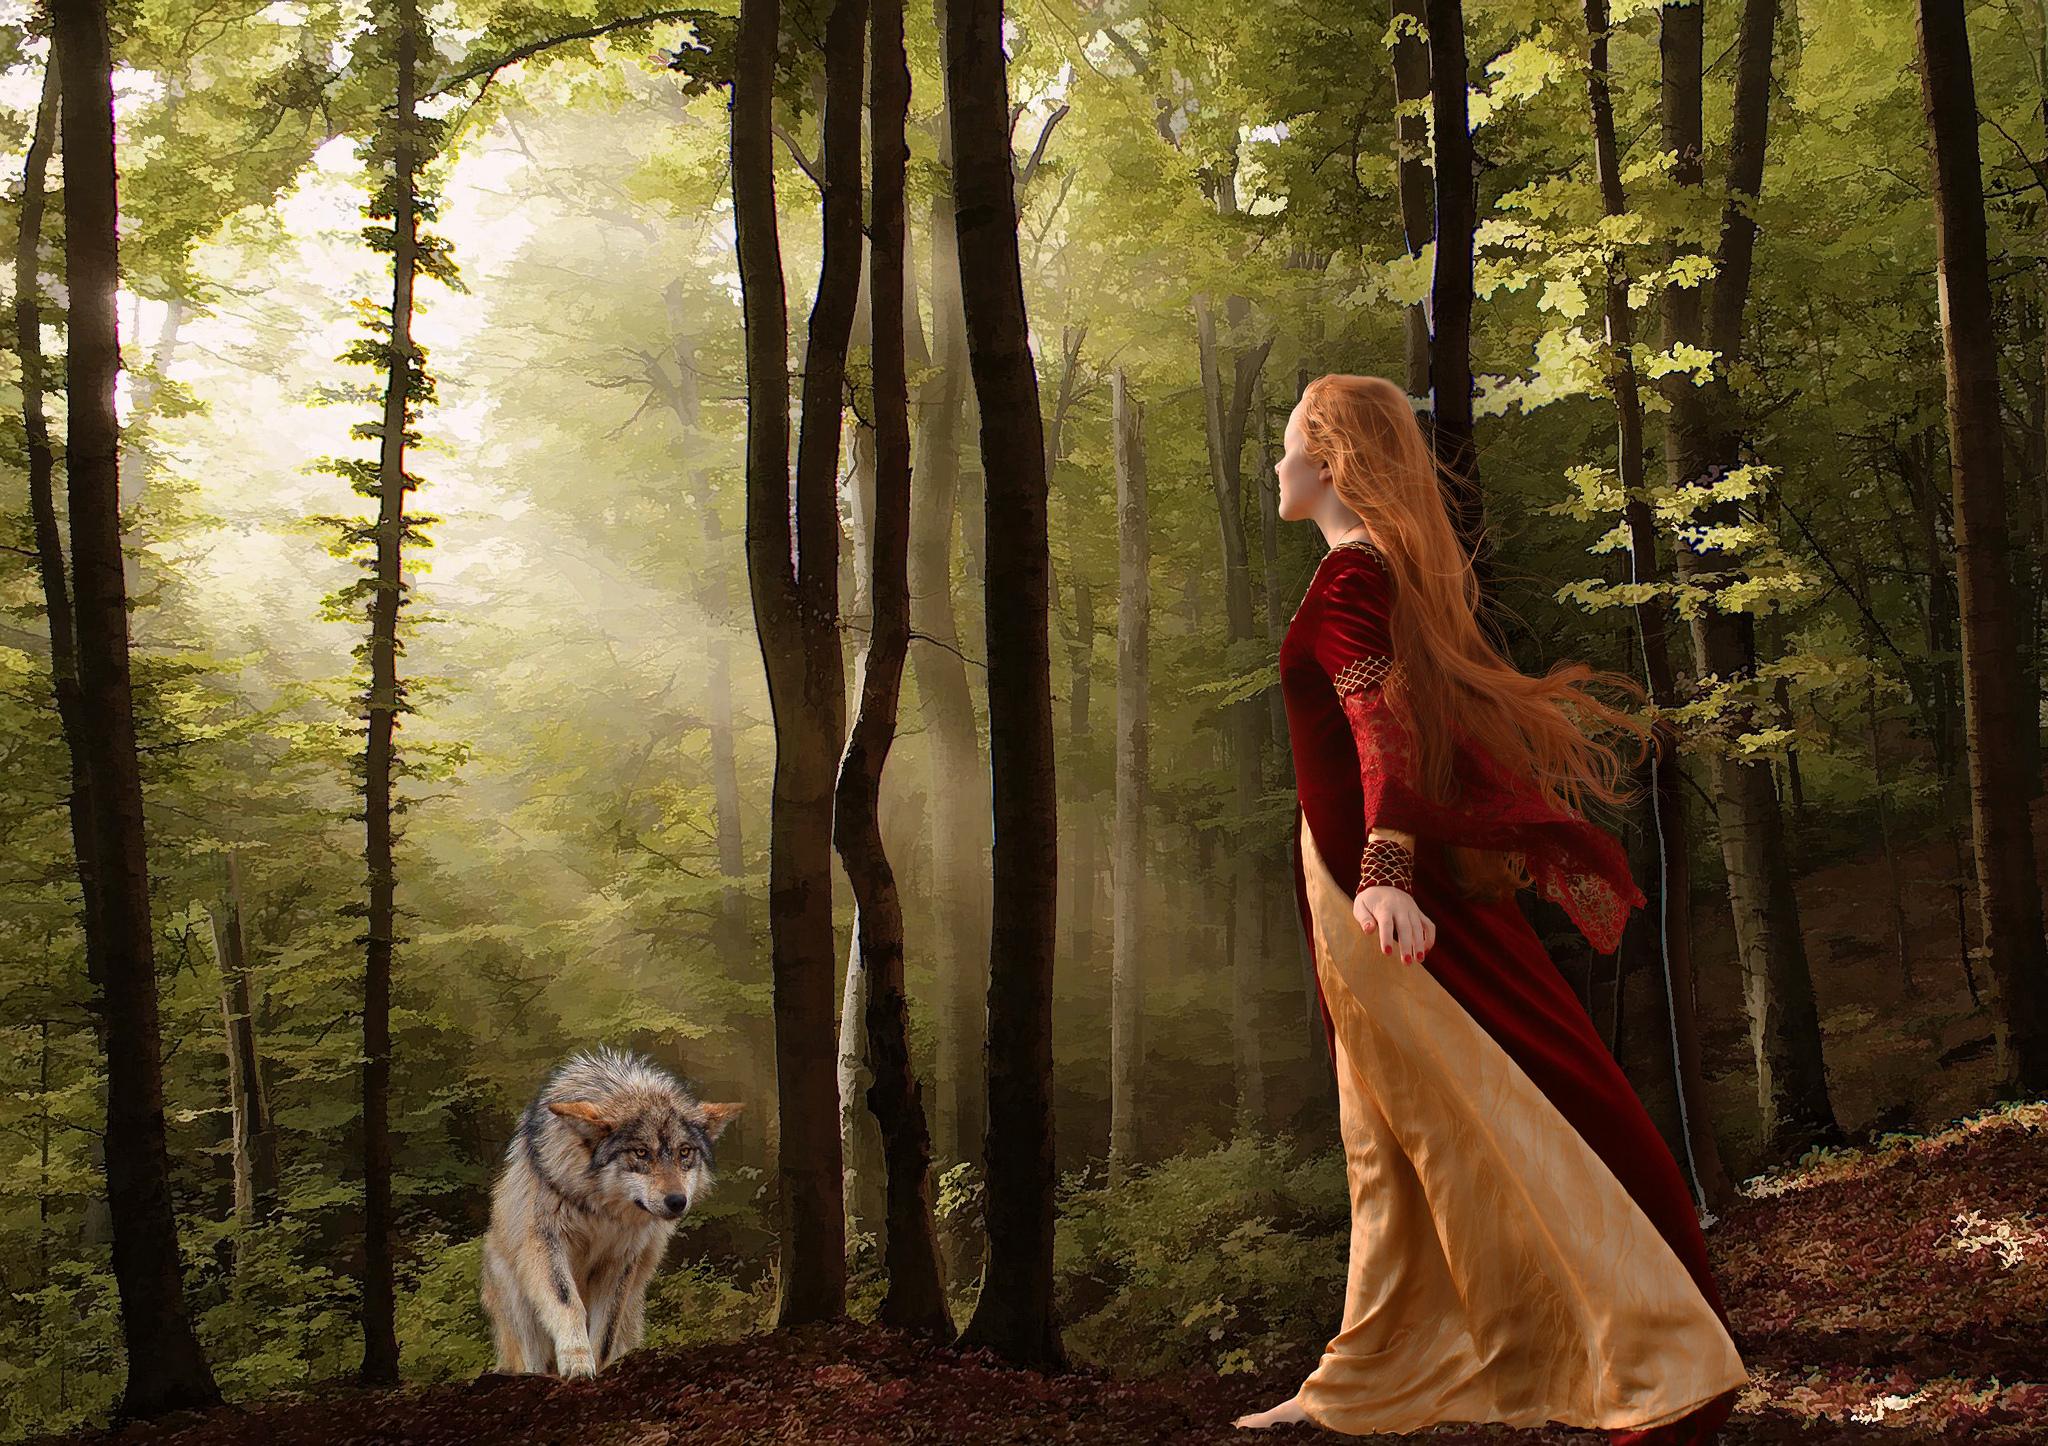 обои лес, деревья, девушка, волк картинки фото